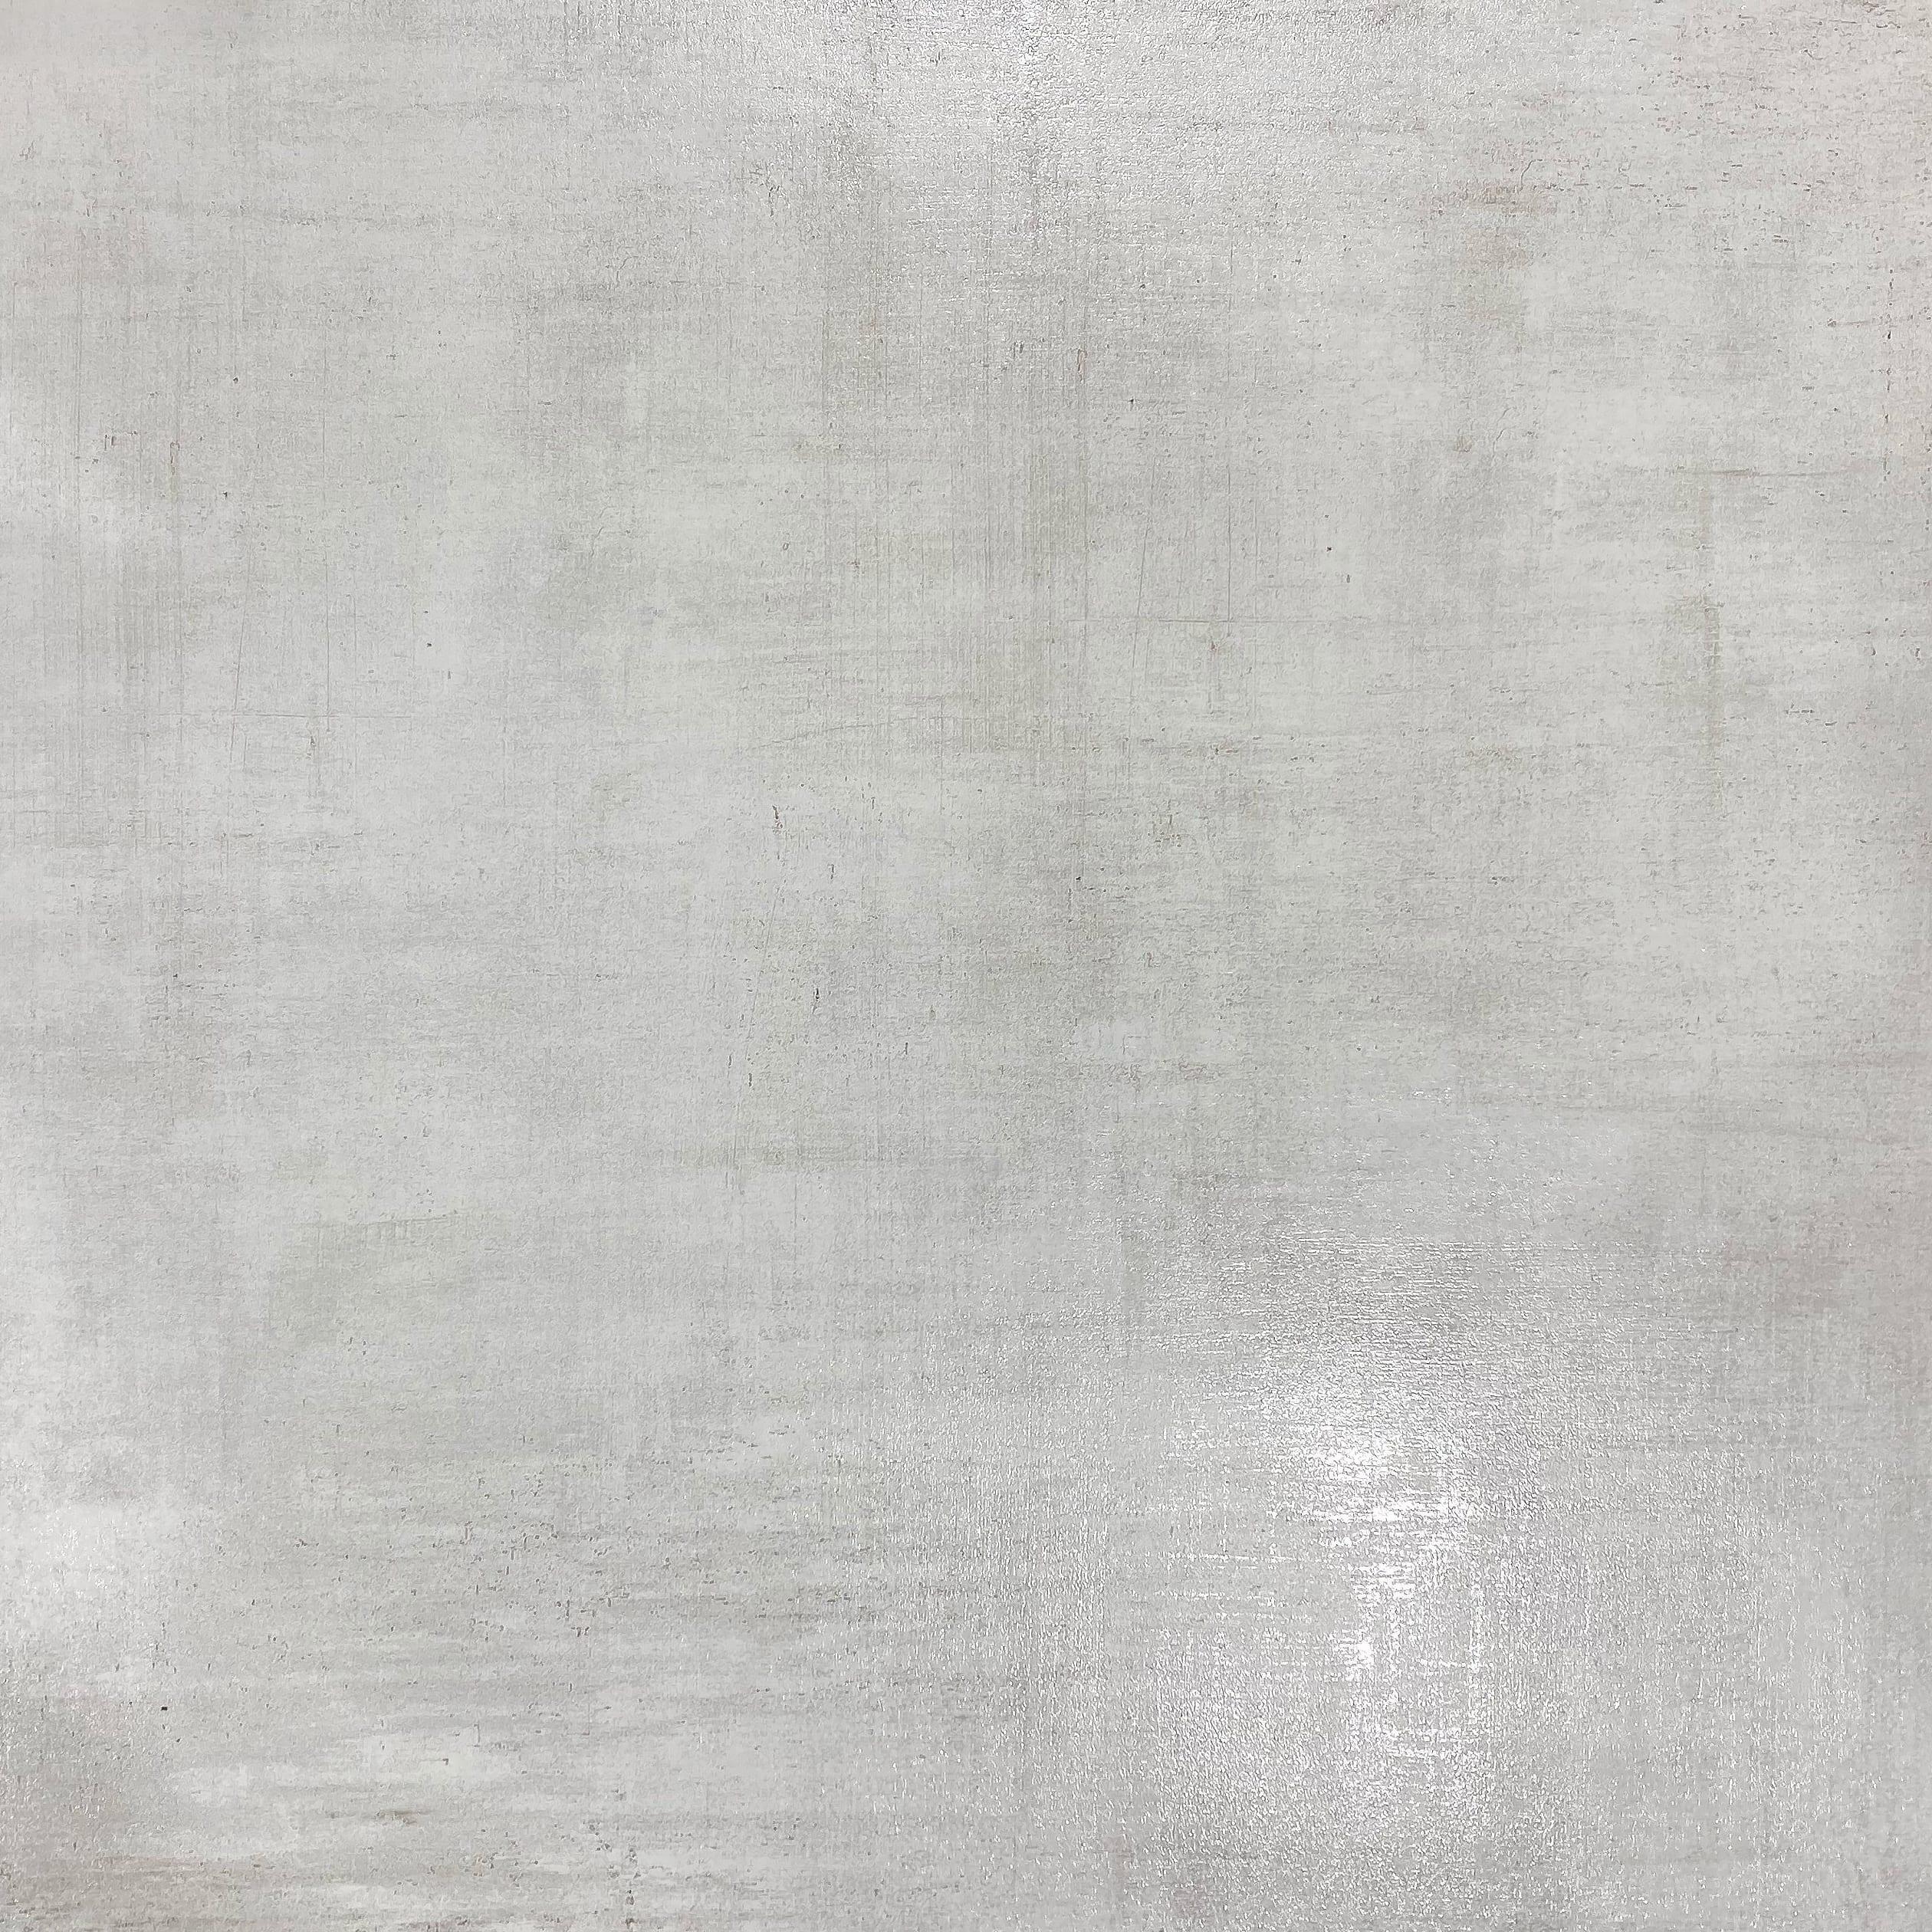 24×24 H24 Italian Tile_White_16.25sfct_3.29